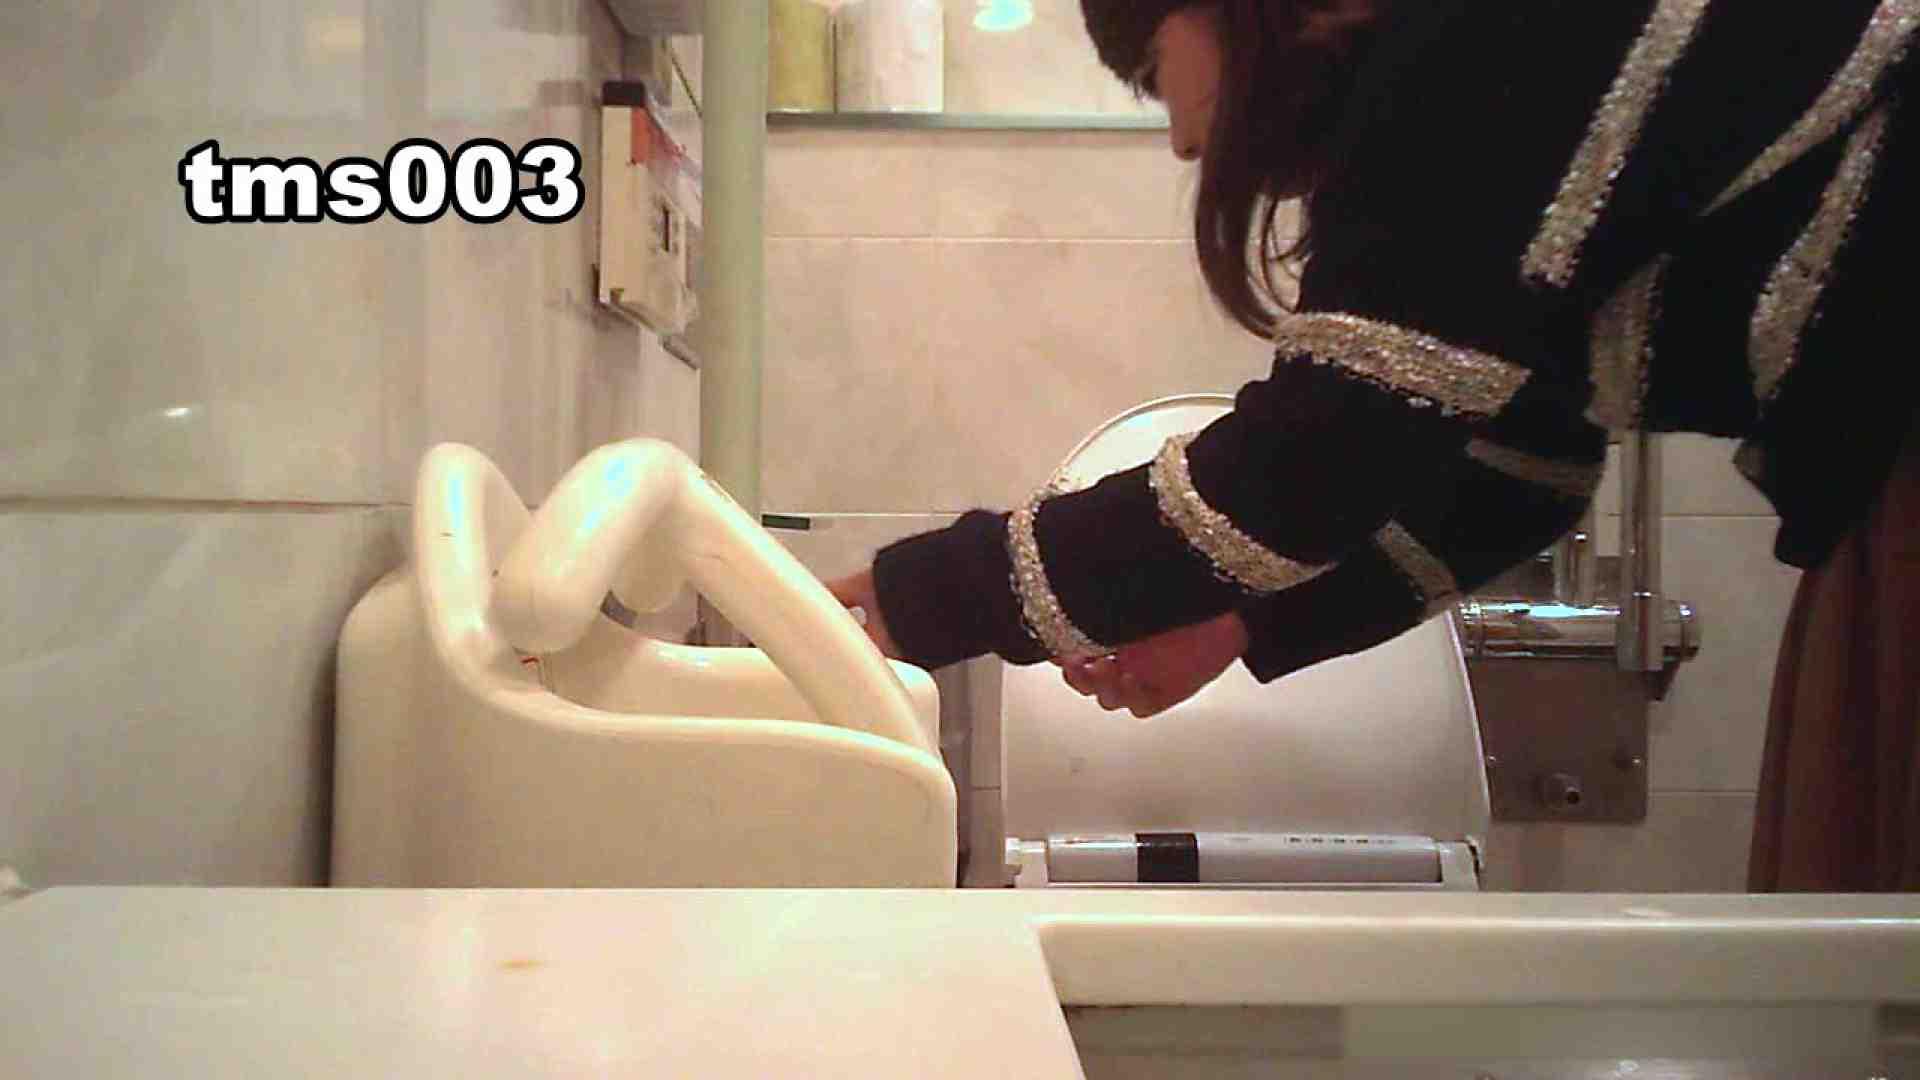 トイメンの割れ目 vol.003 OLハメ撮り  27Pix 24